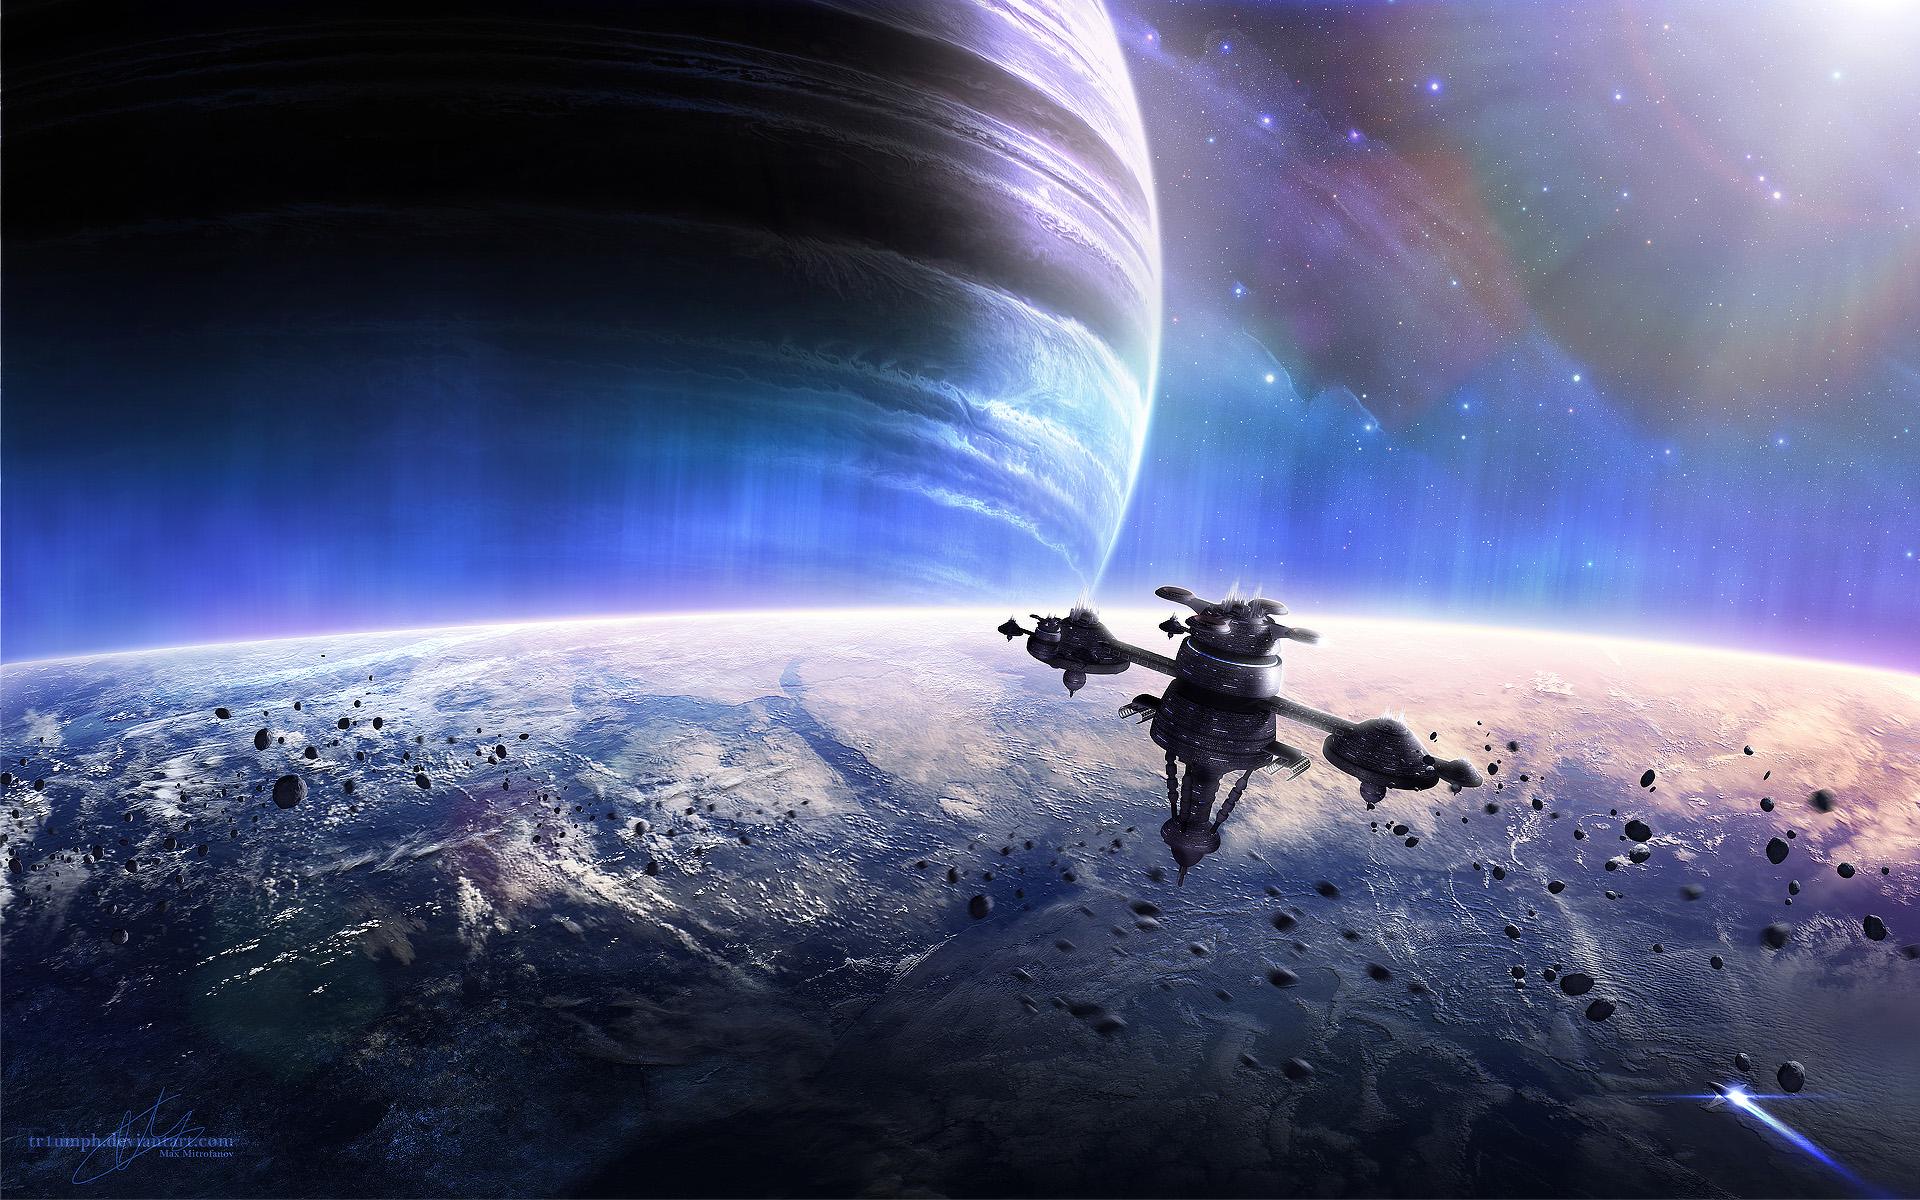 Обои космический корабль планета картинки на рабочий стол на тему Космос - скачать  № 3950423 бесплатно